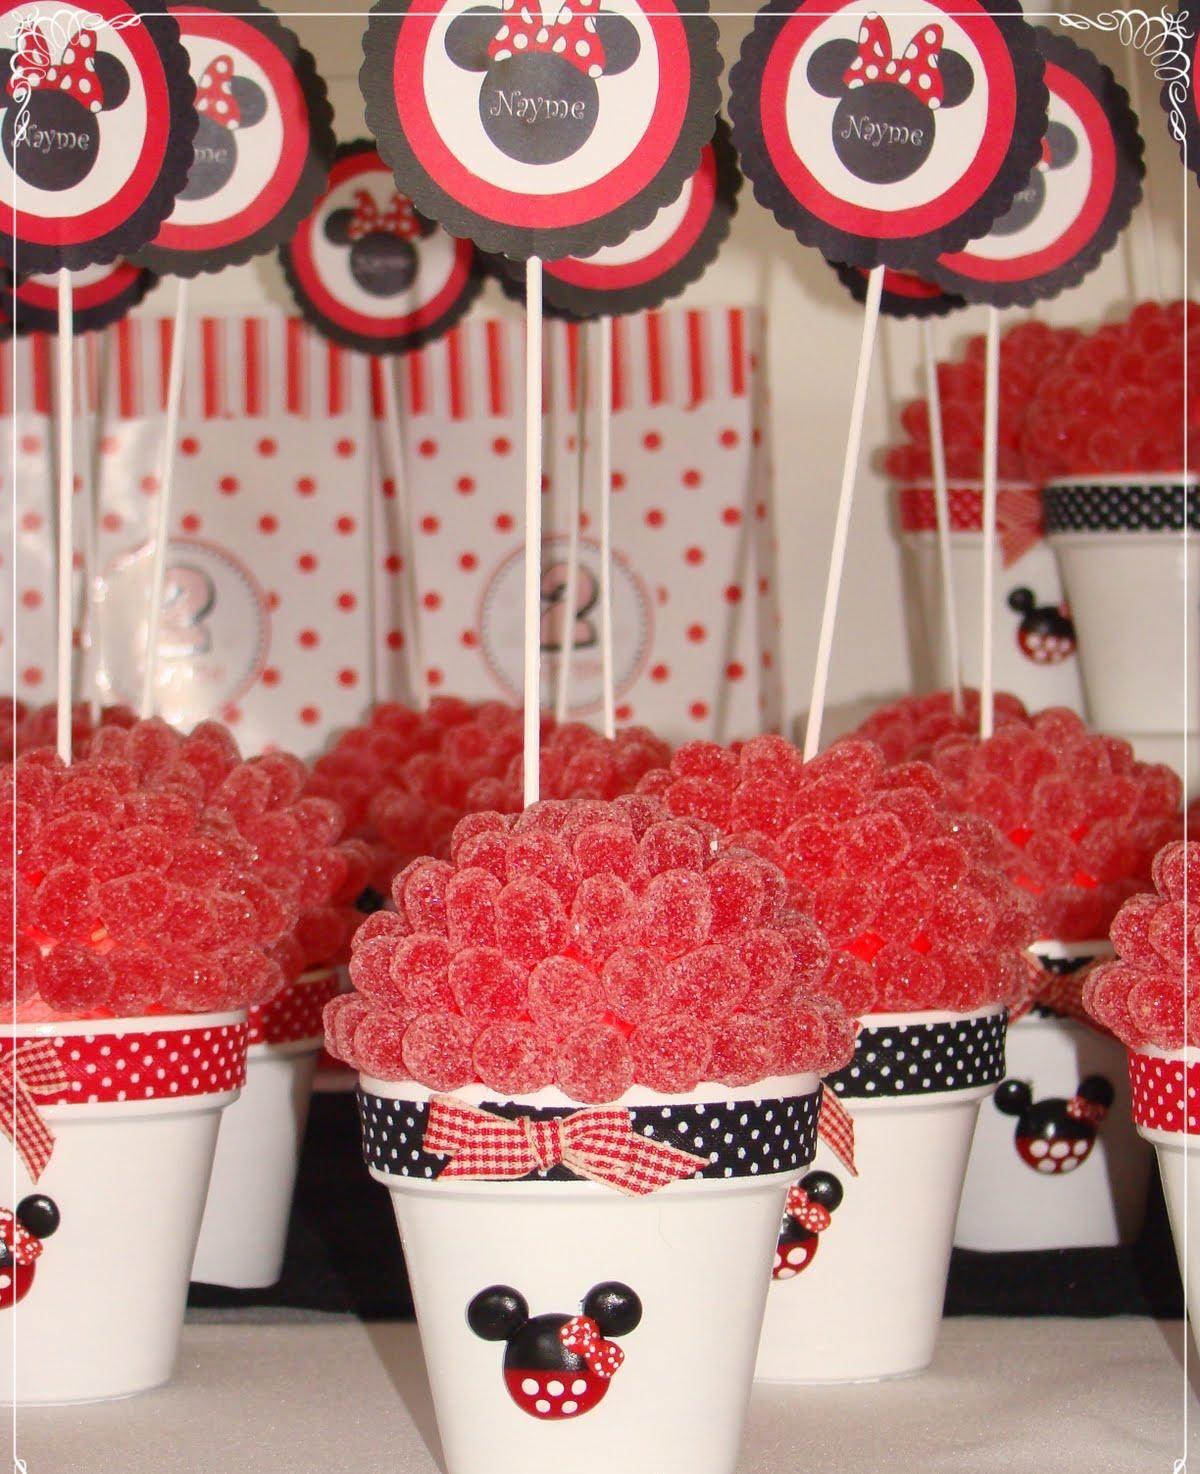 Fiestas tem ticas bcn chuches centros de mesa for Fiestas tematicas bcn